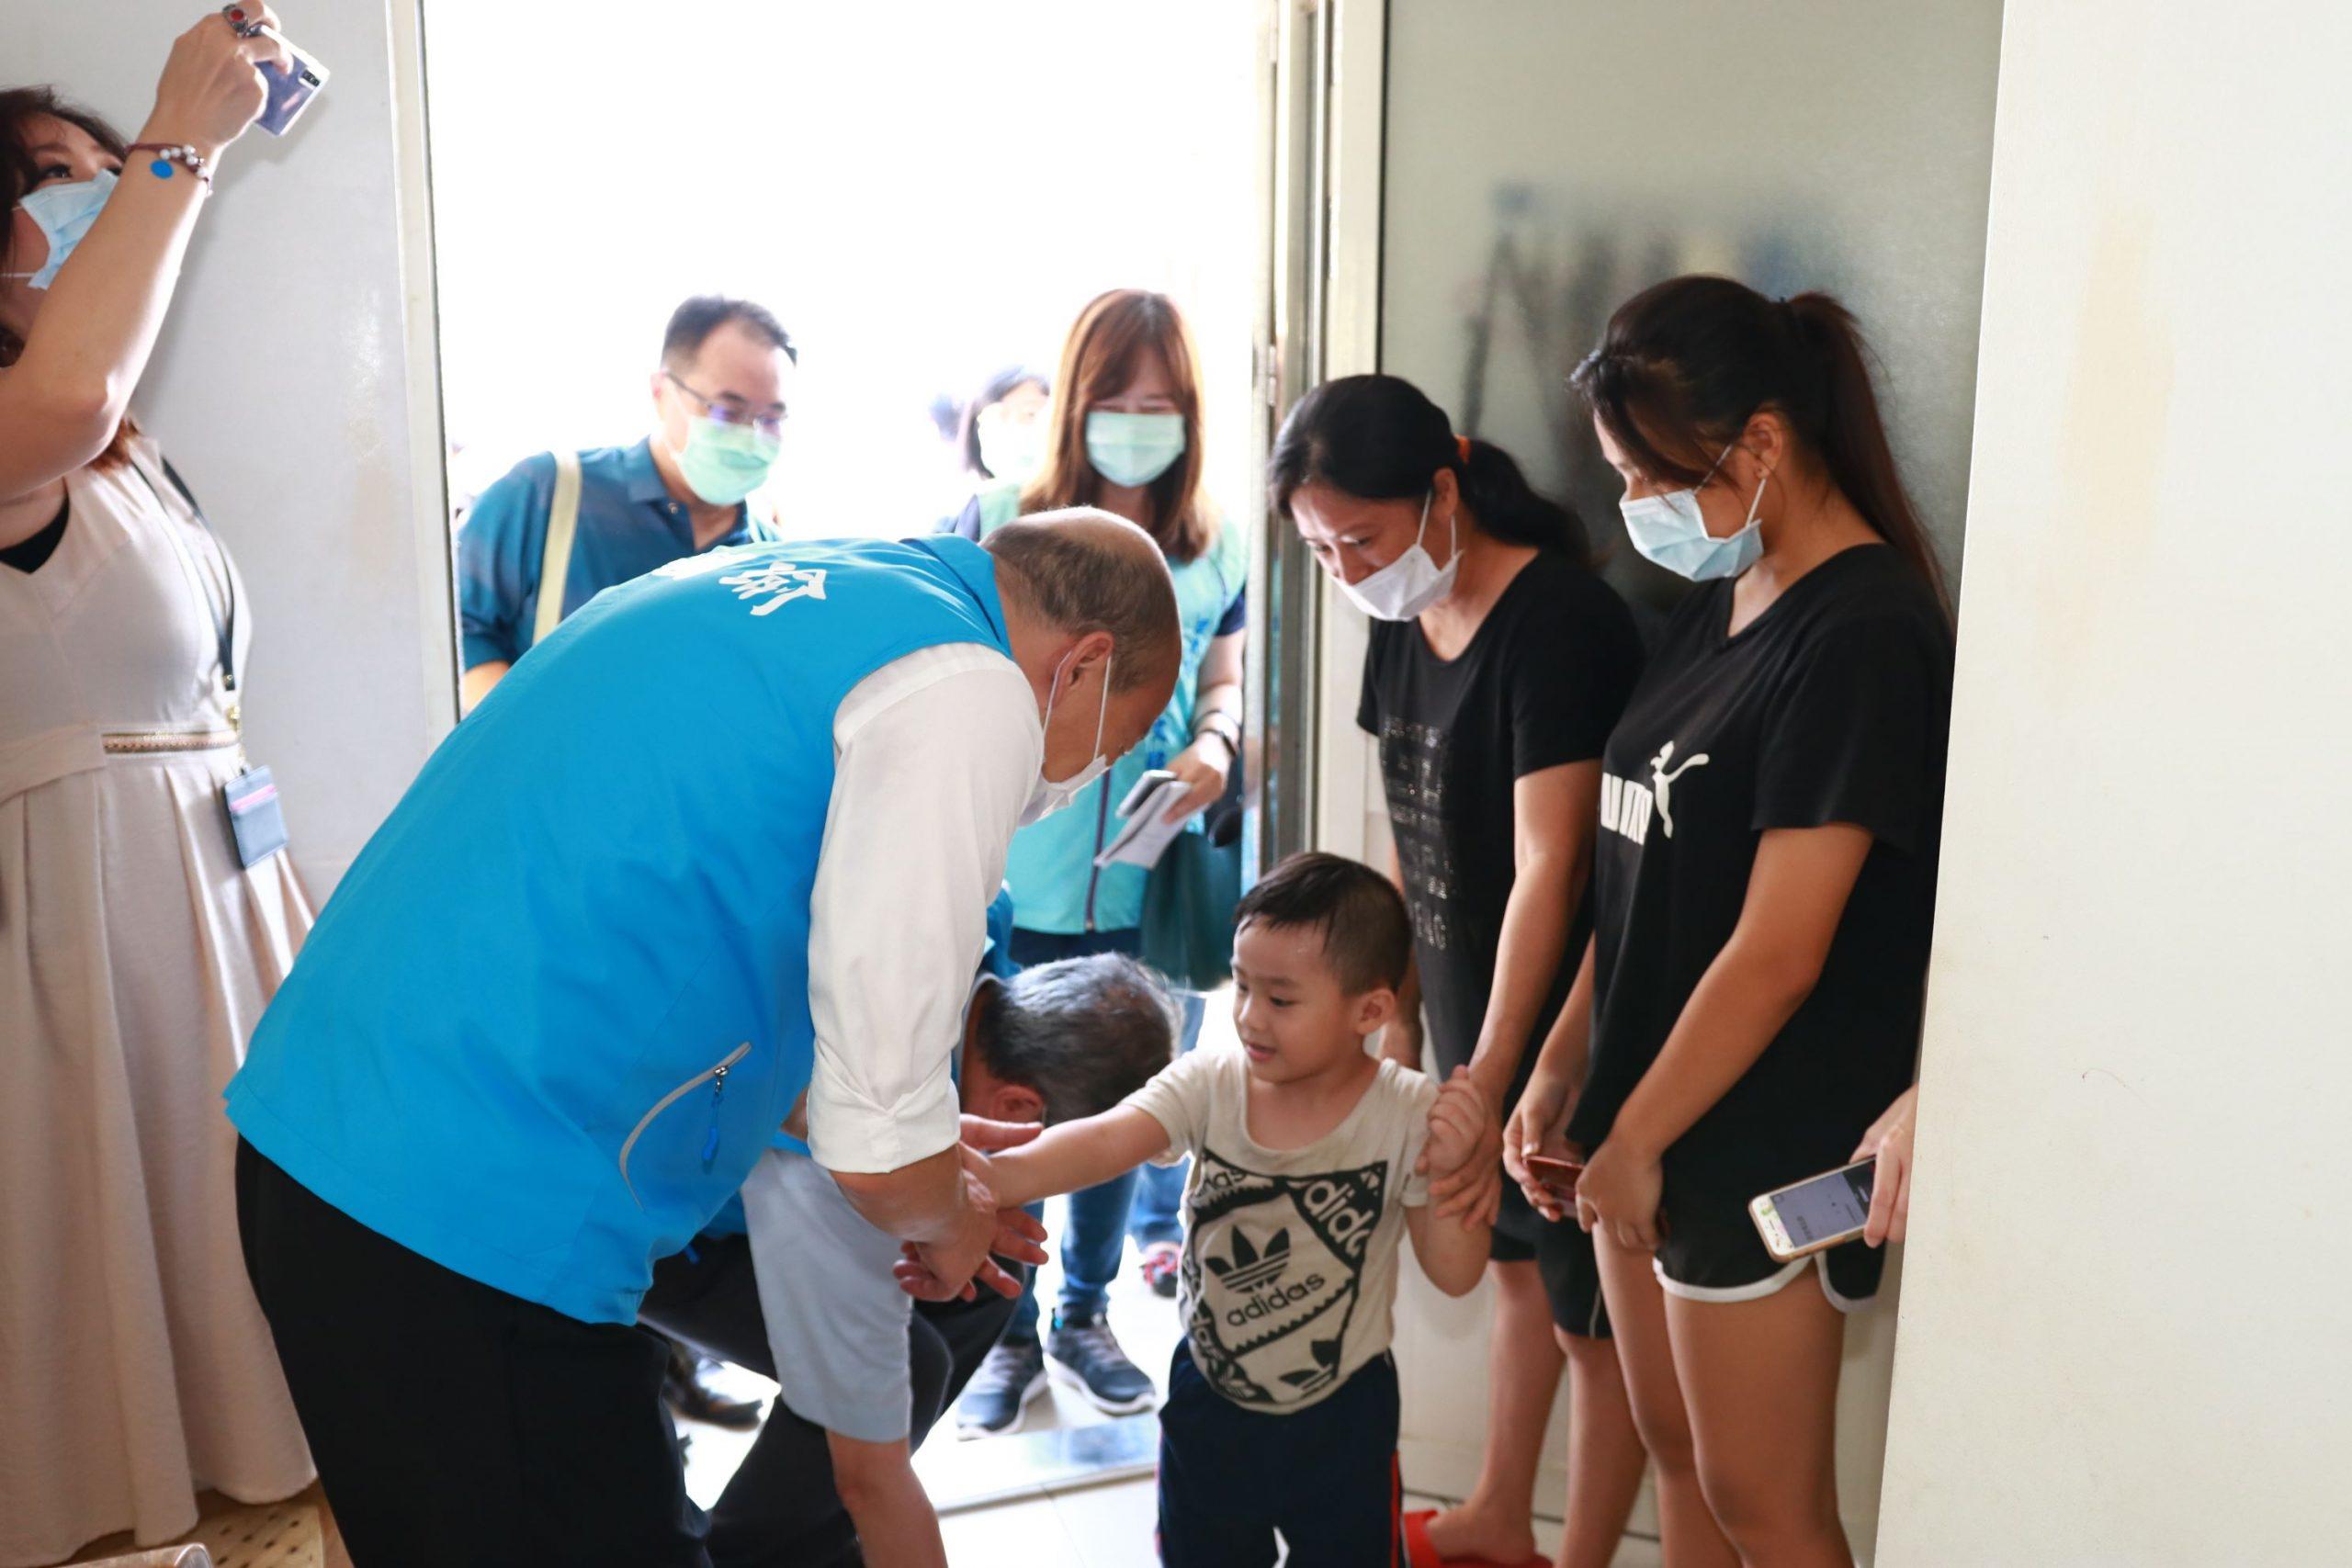 關懷弱勢 韓國瑜親贈防疫暖心包。(特派員林惠貞翻攝)